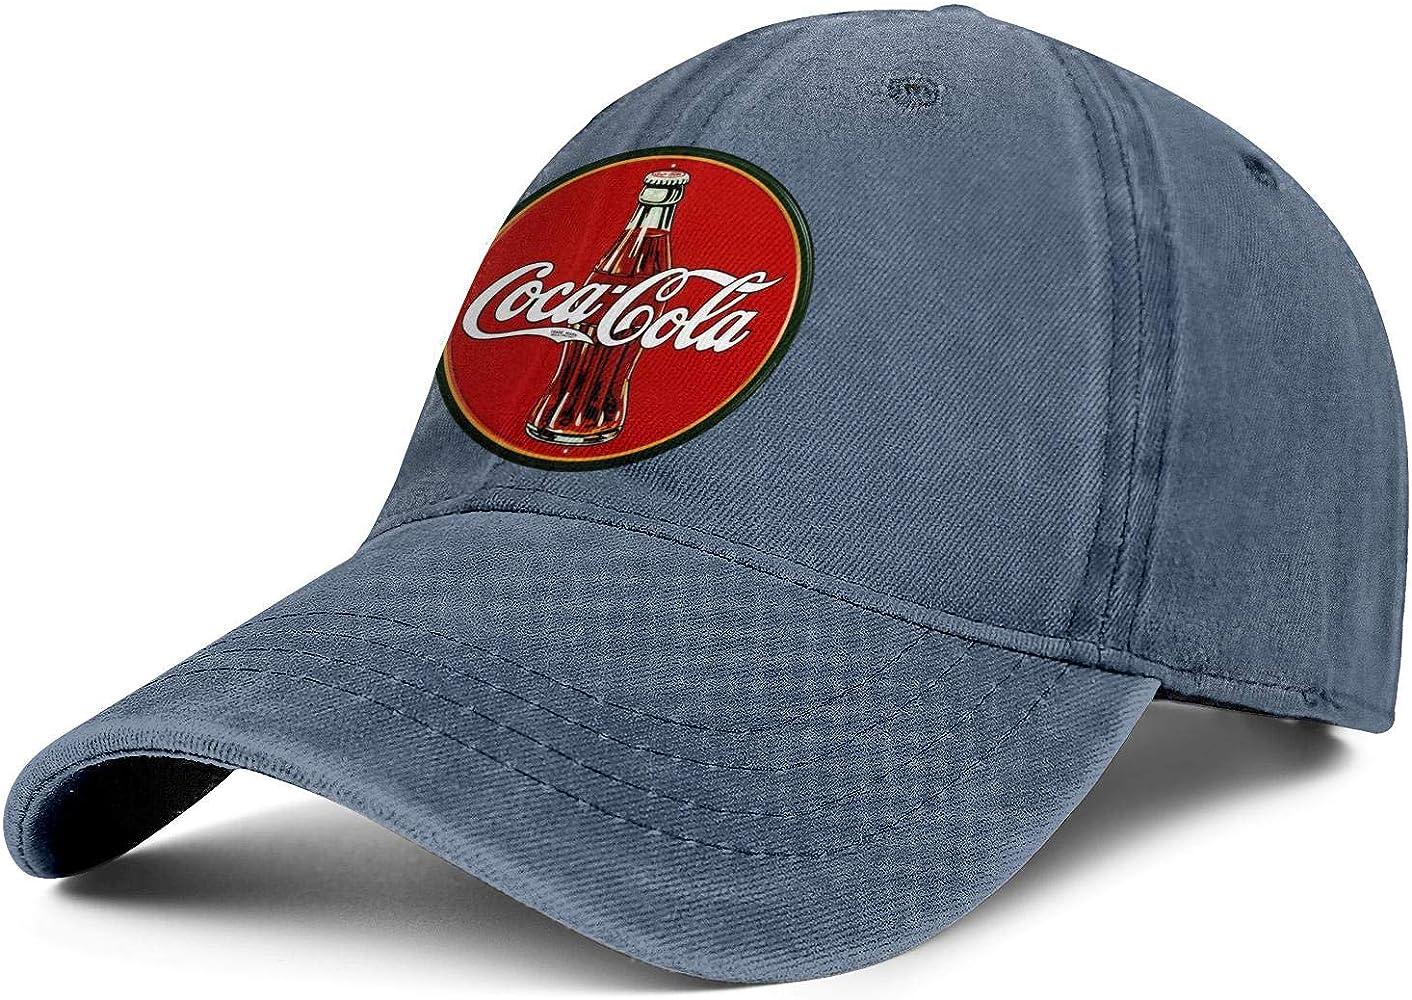 Coca Cola - Gorra de Vaquero con Logo Antiguo, Talla única, para ...